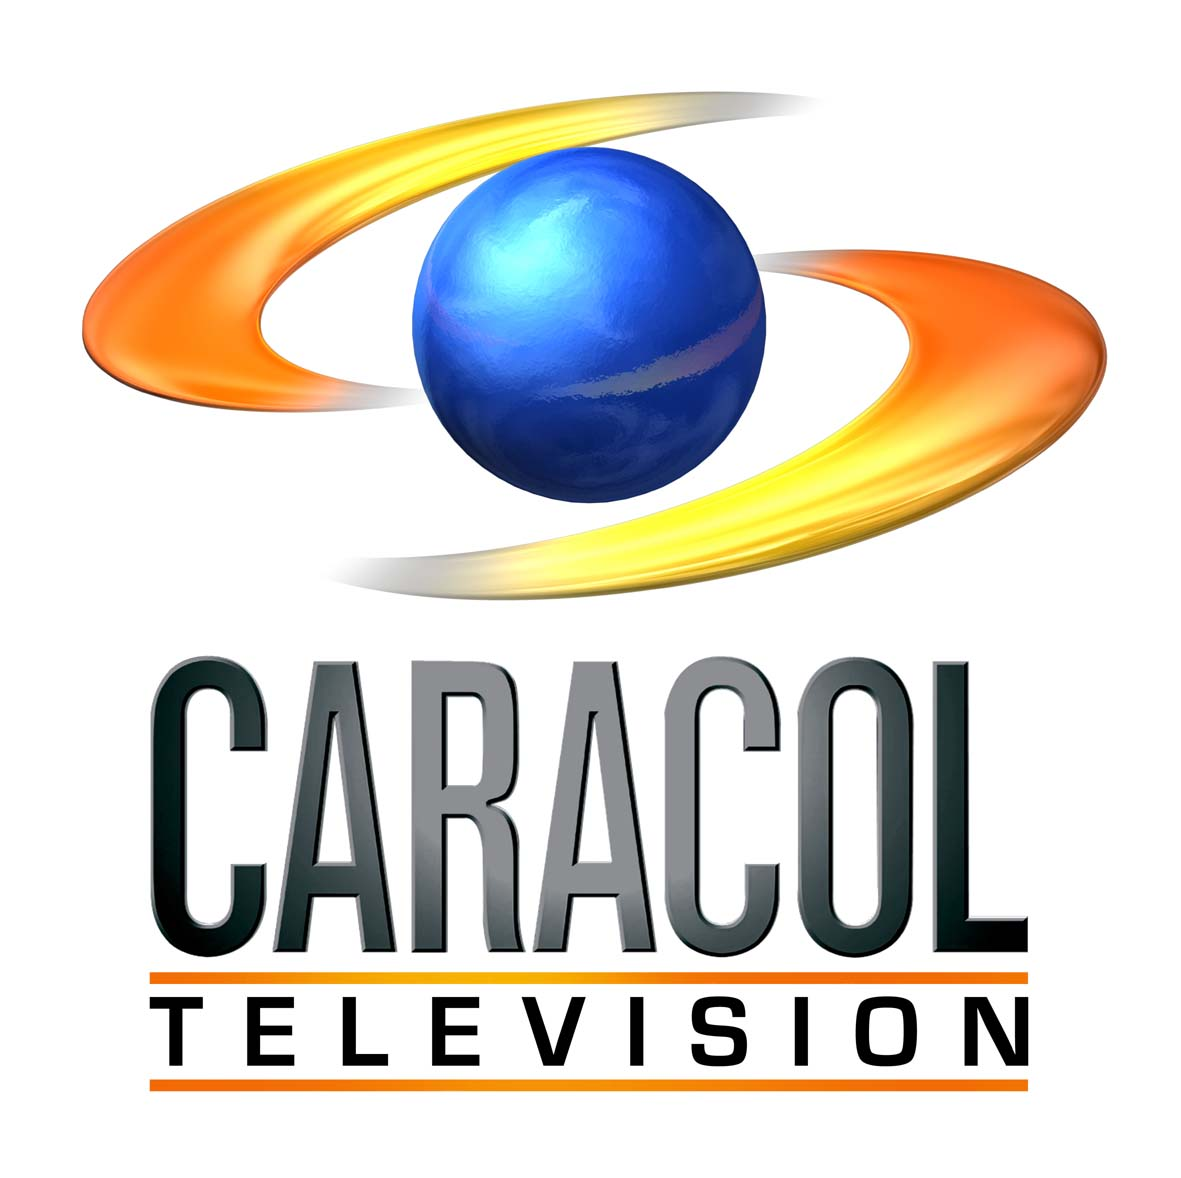 Caracol Tv Sala De Urgencias ~ Caracol TV  Logopedia, the logo and branding site